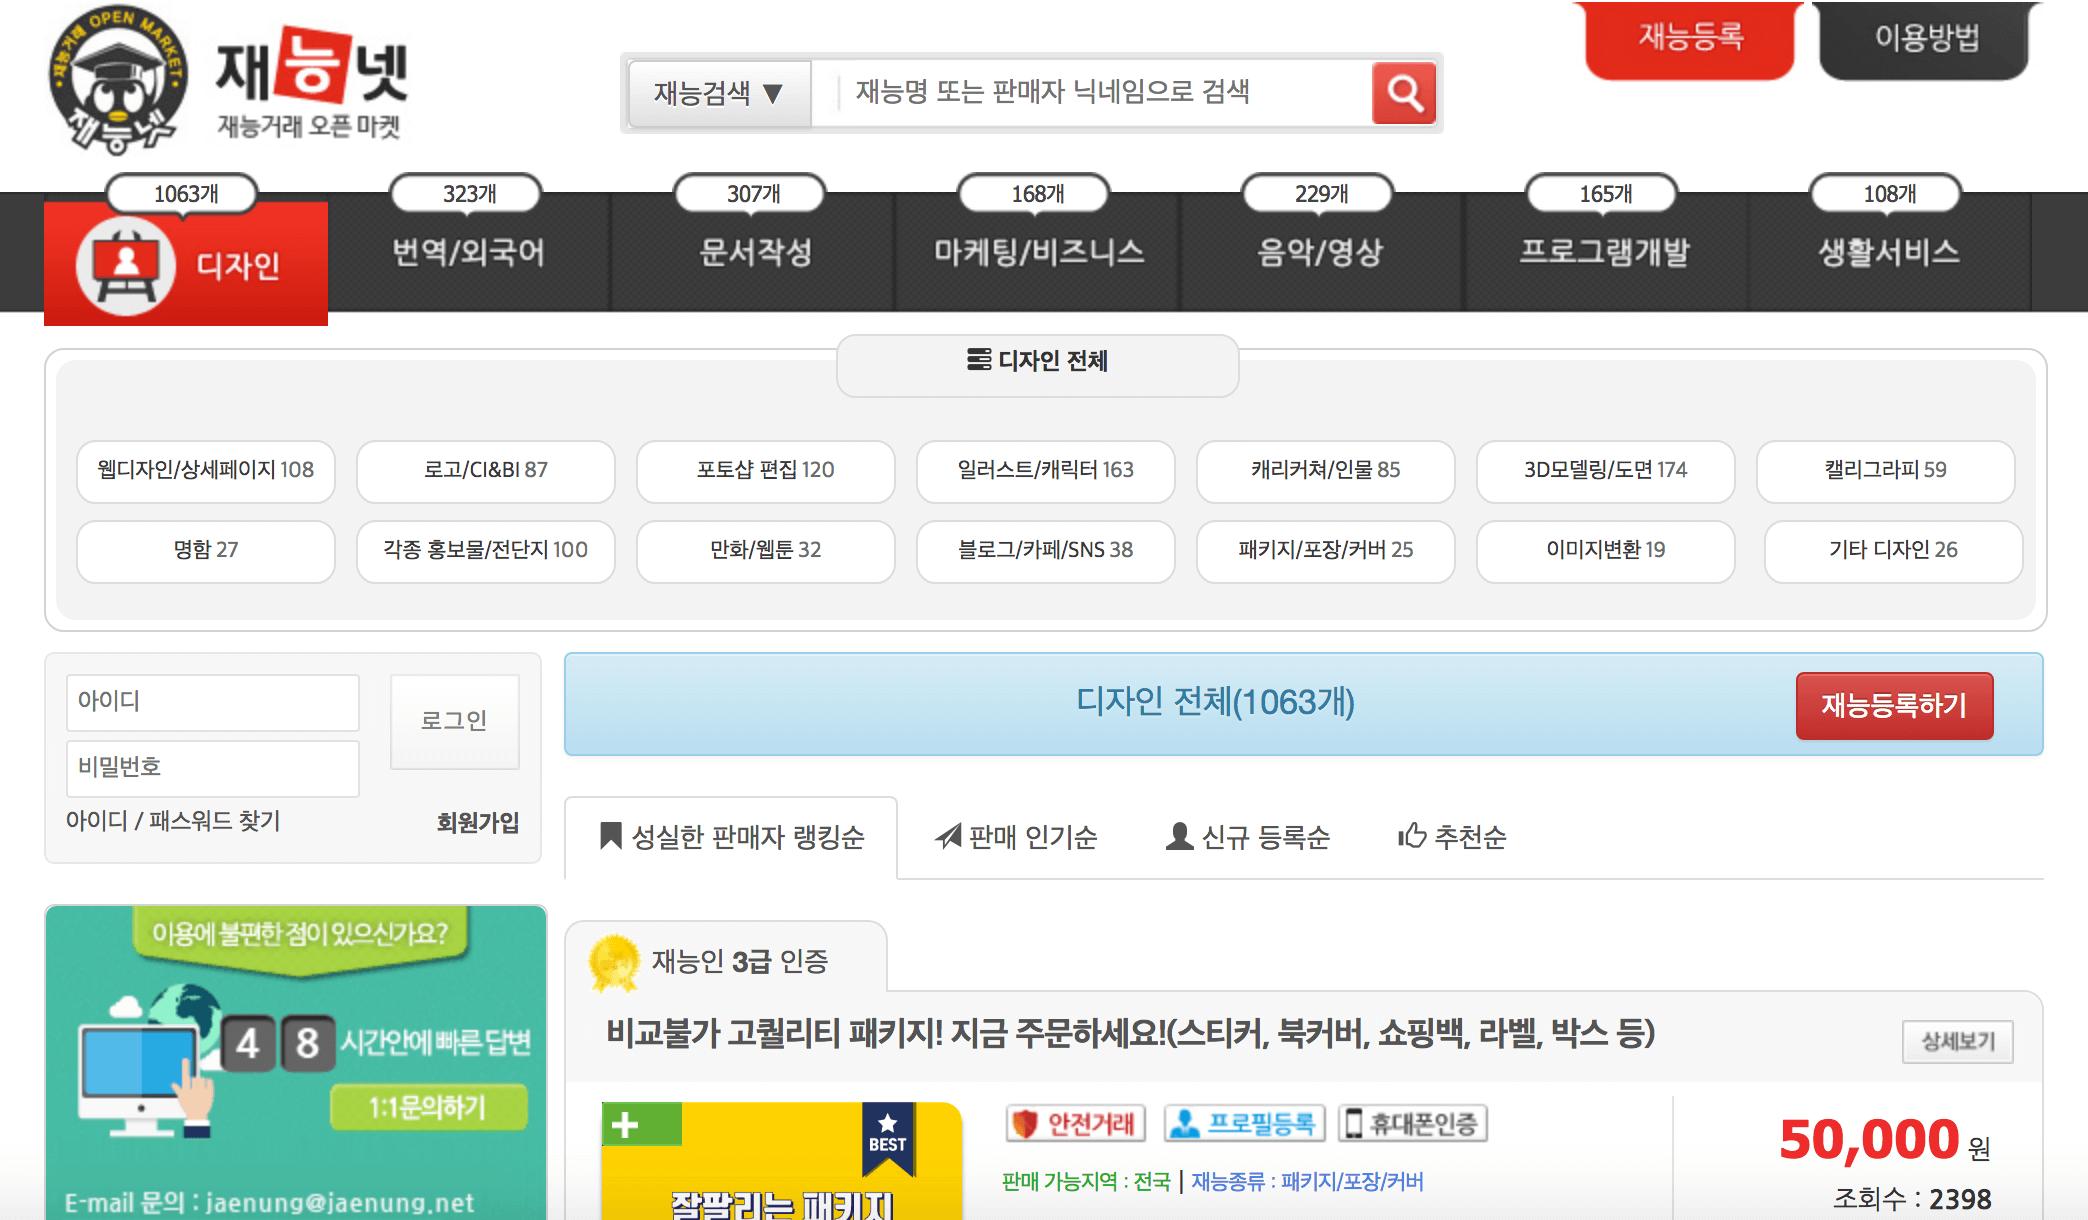 韓国仕事クラウドソーソングサイト04